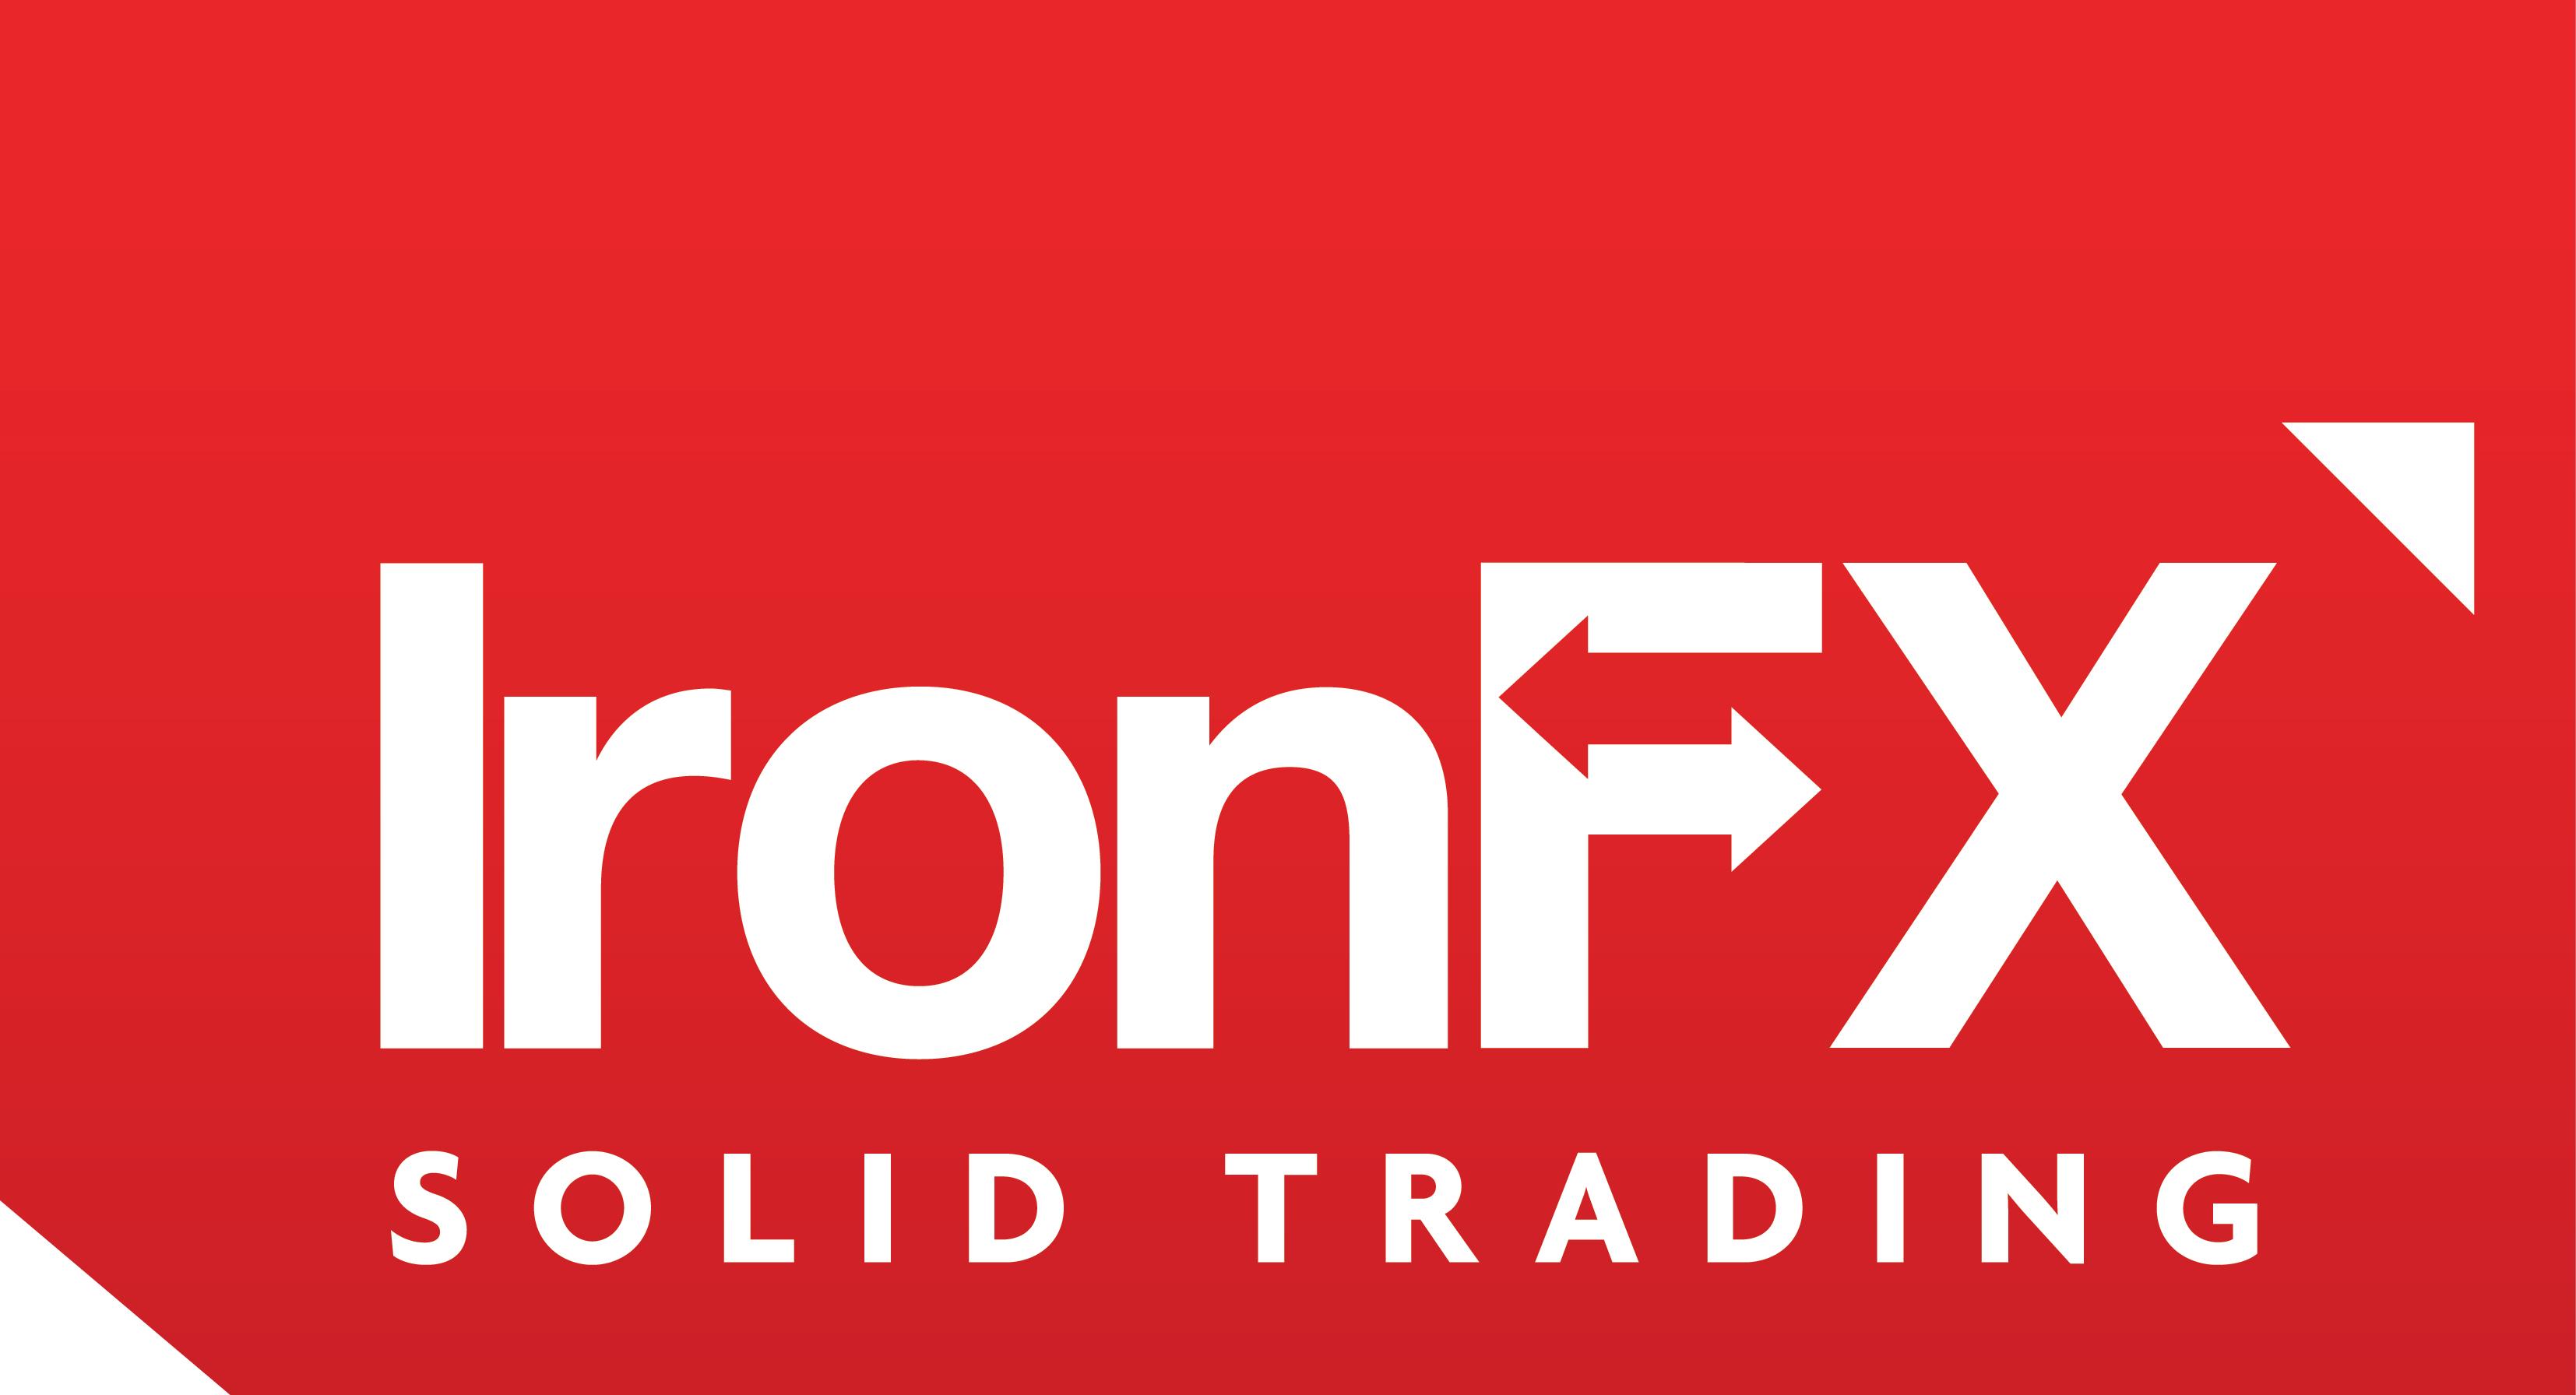 الرئيس التنفيذي لـ IronFX يناقش التطورات الحديثة للشركة